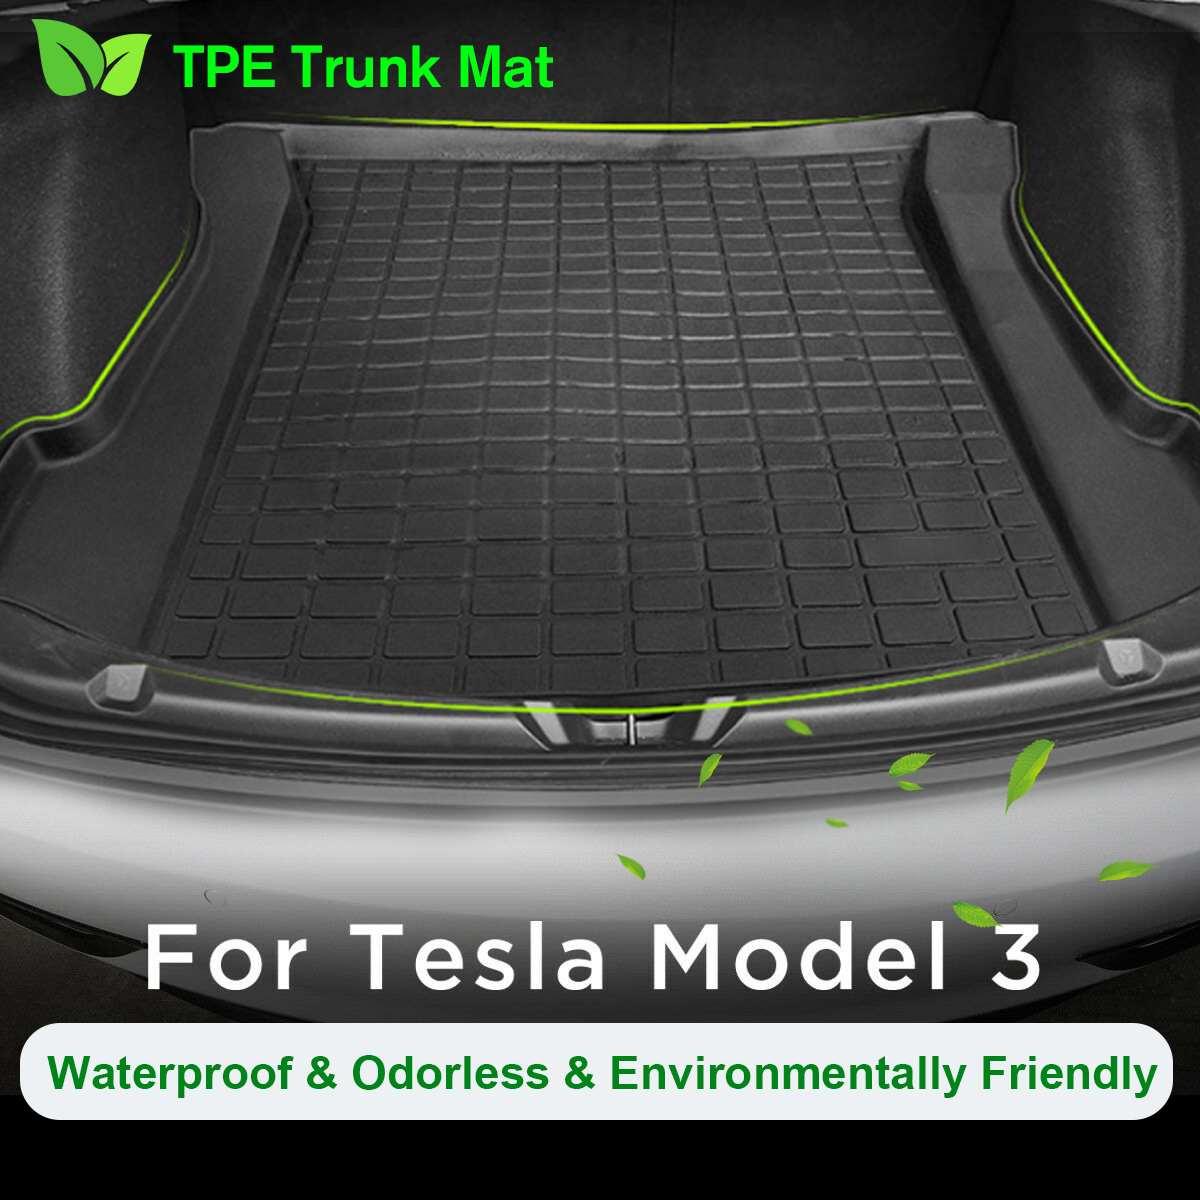 Nouveau tapis de sol TPE tapis de sol arrière en élastomère thermoplastique noir tapis de chargement arrière pour Tesla modèle 3